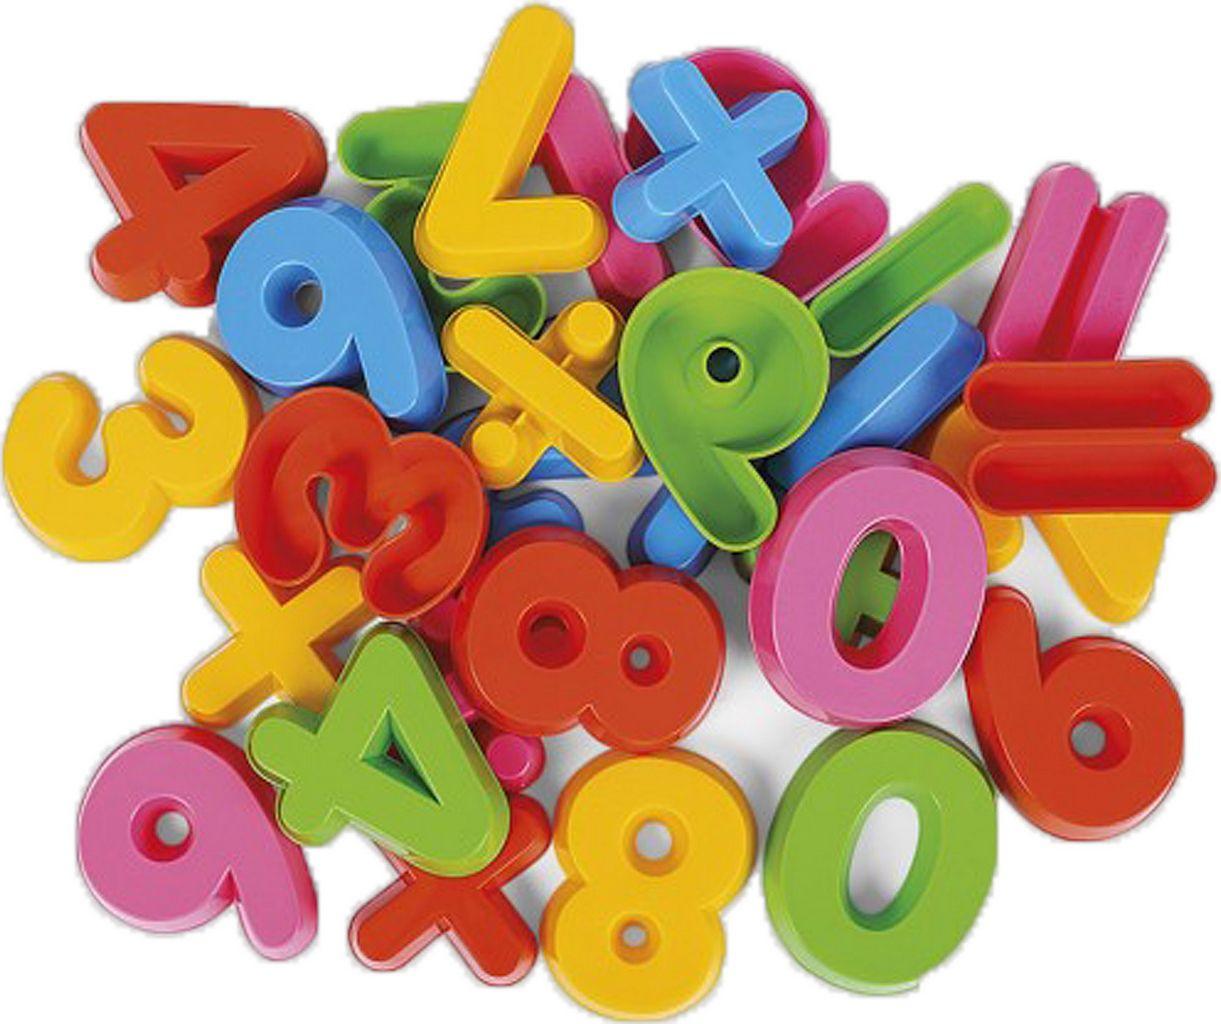 Forminhas Números Estimula Aprendizado Infantil Maiores 12 Meses Praia Selo Inmetro Original Poliplac